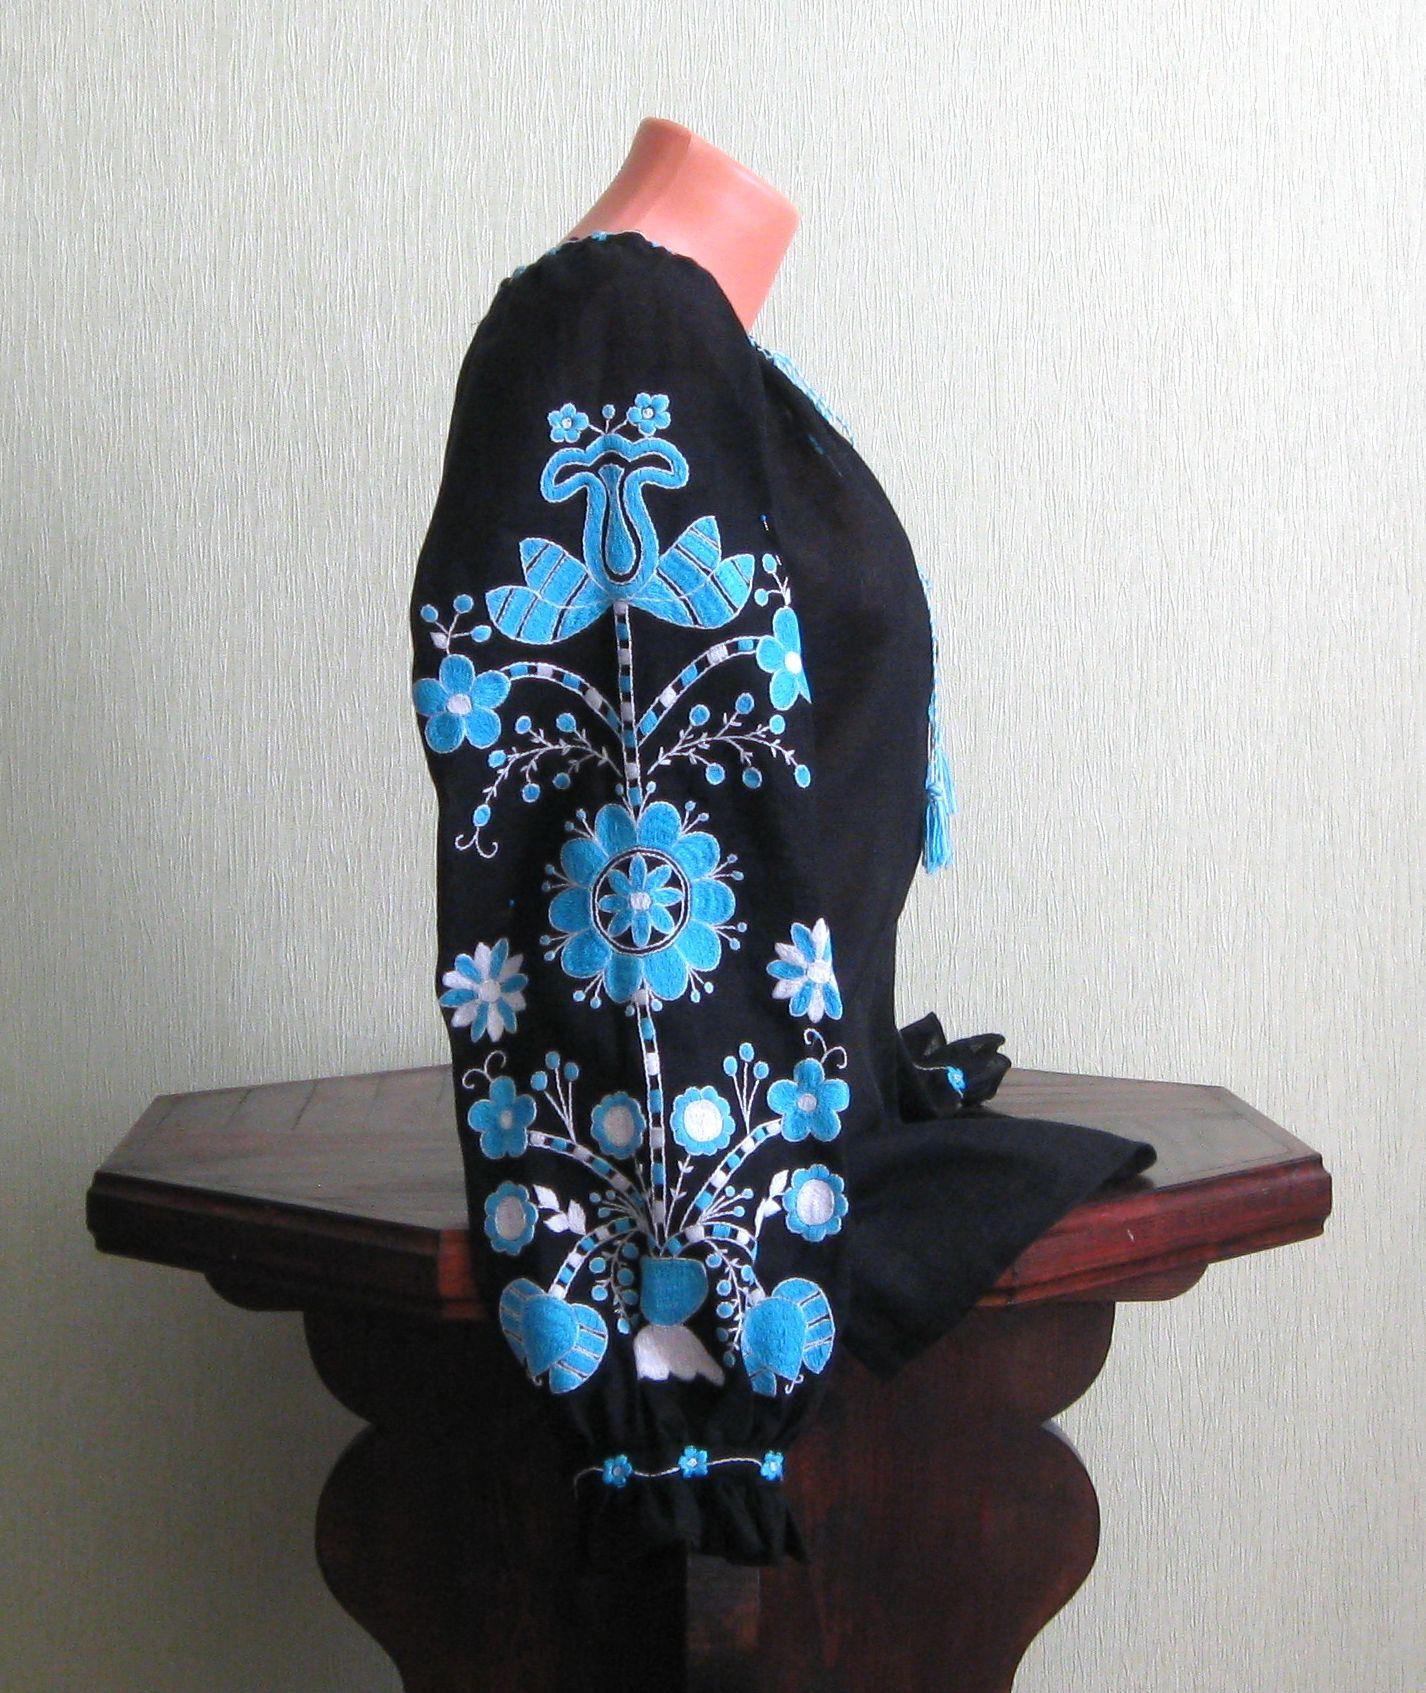 Вишиванка Віти Кін ручної роботи купити - Товари - Вишиванки ручної ... b5ff5283723f7